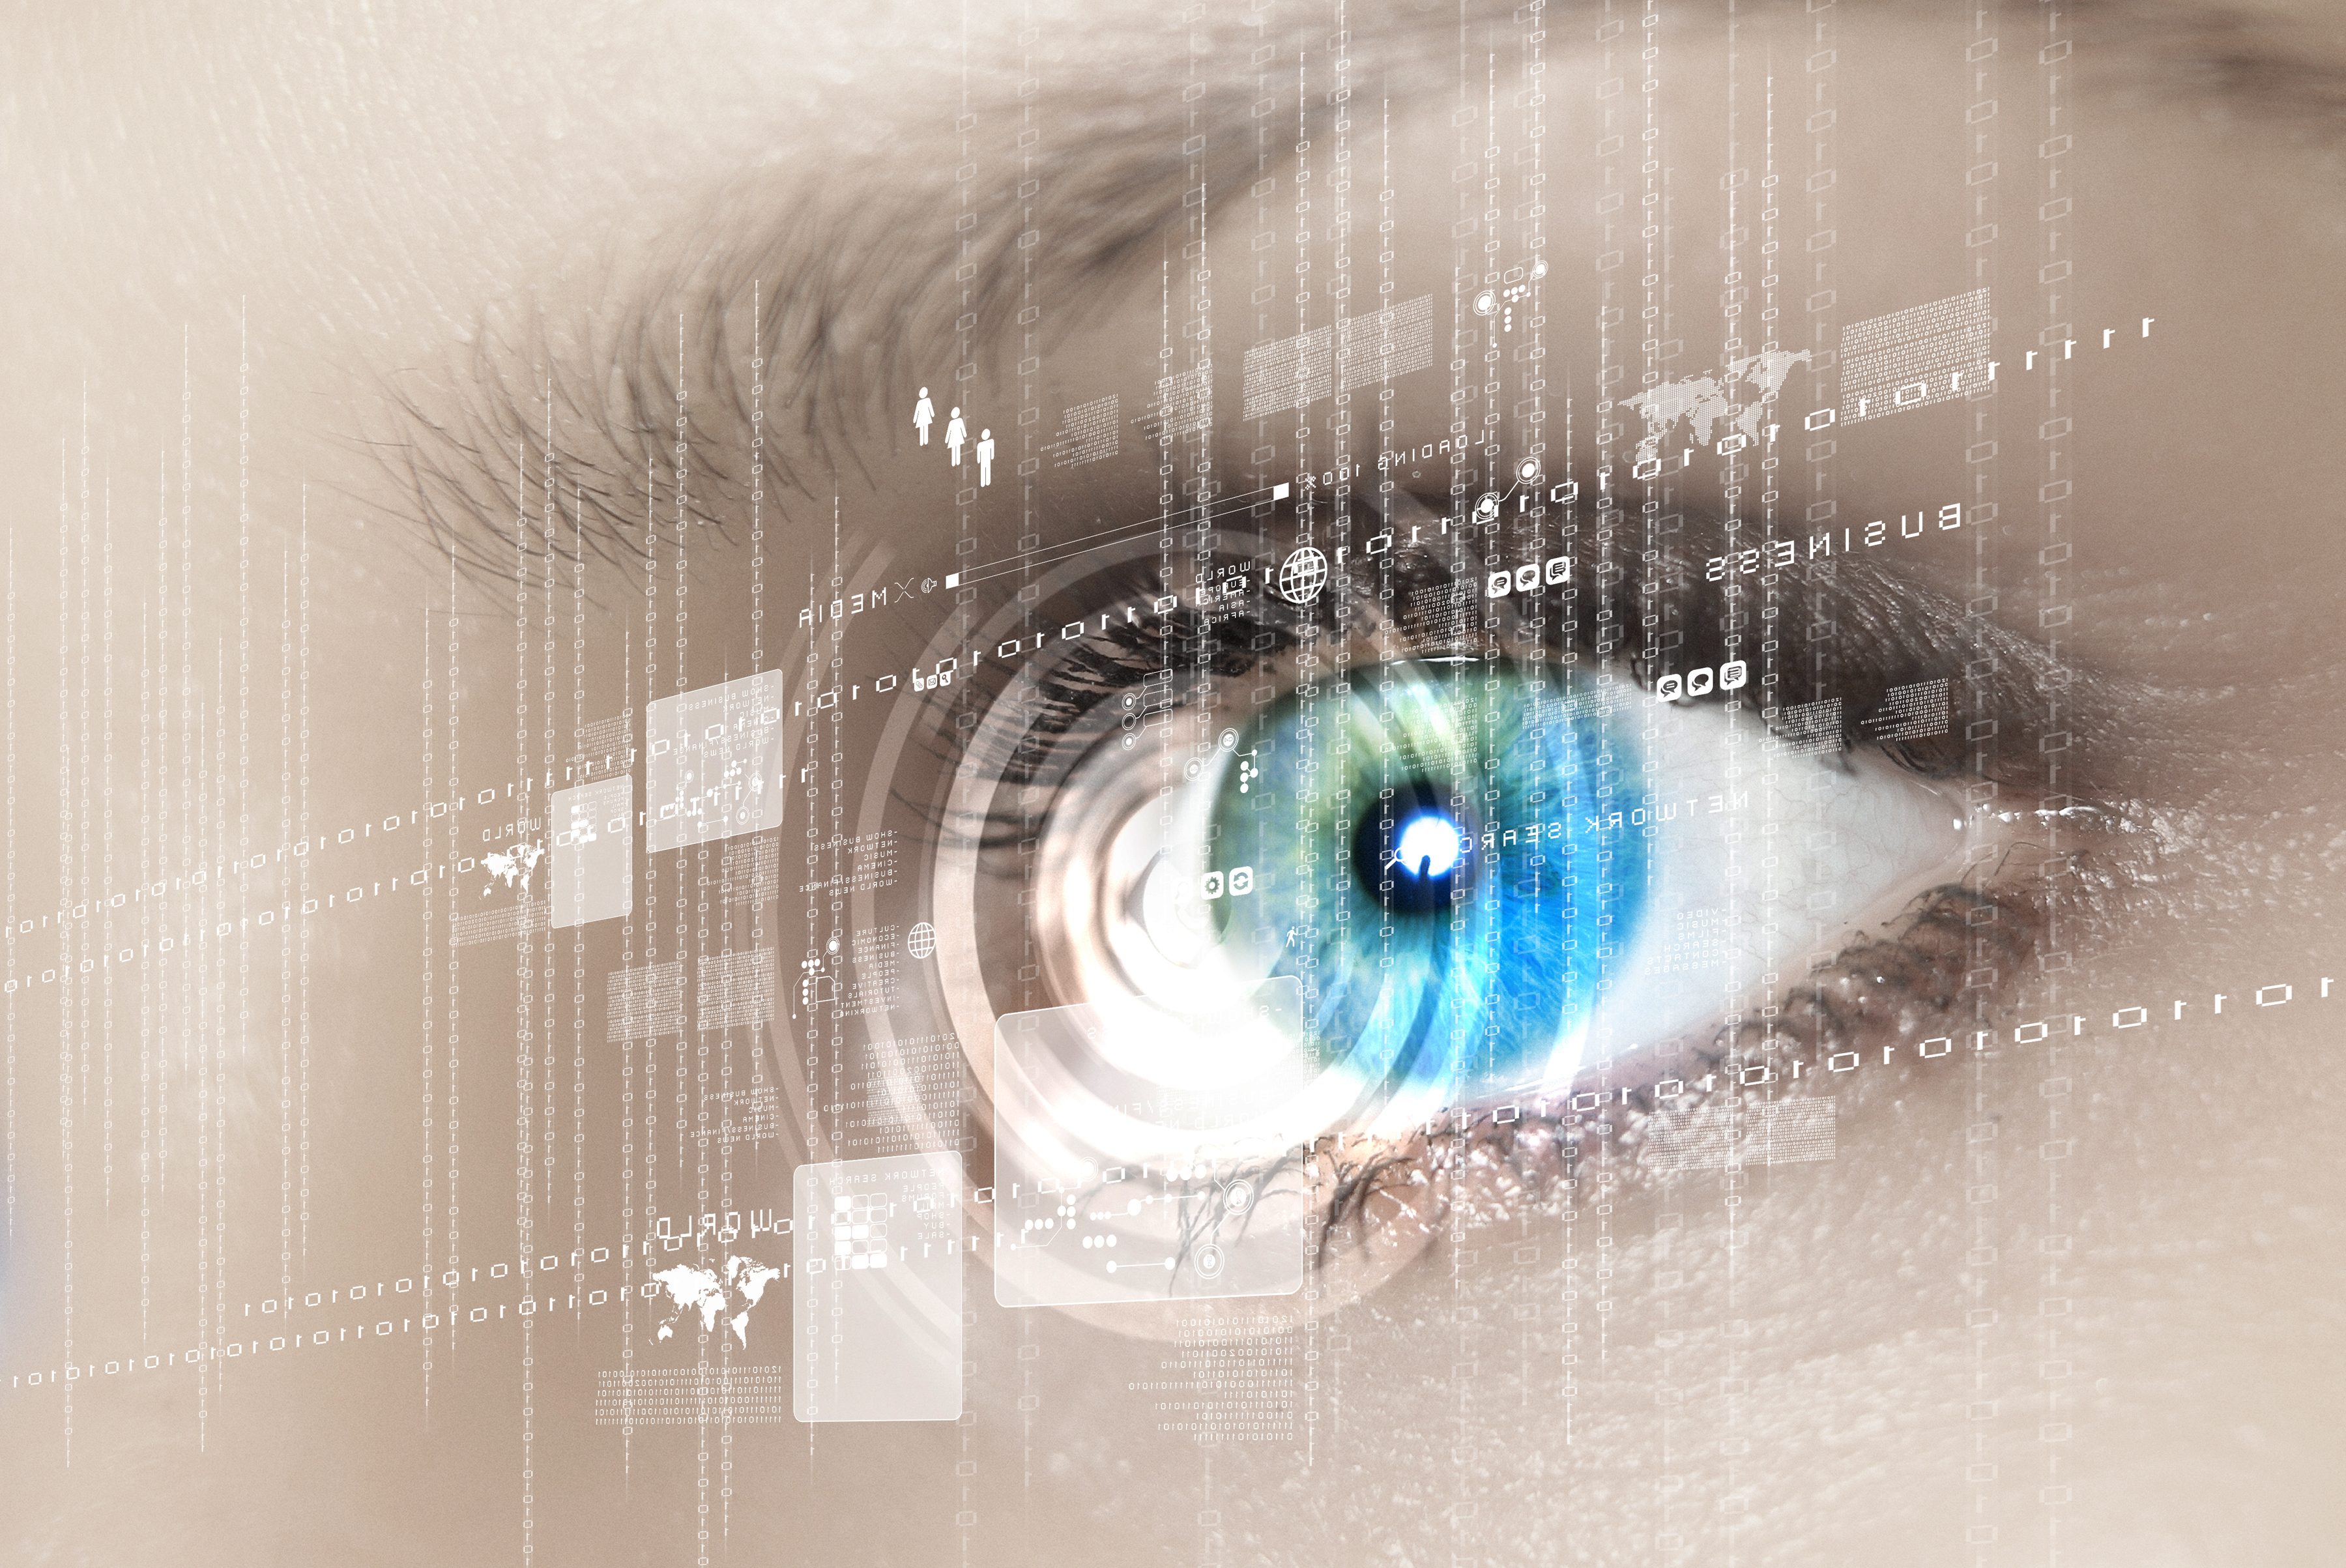 ¿Cómo afectan las nuevas tecnologías a nuestra visión?